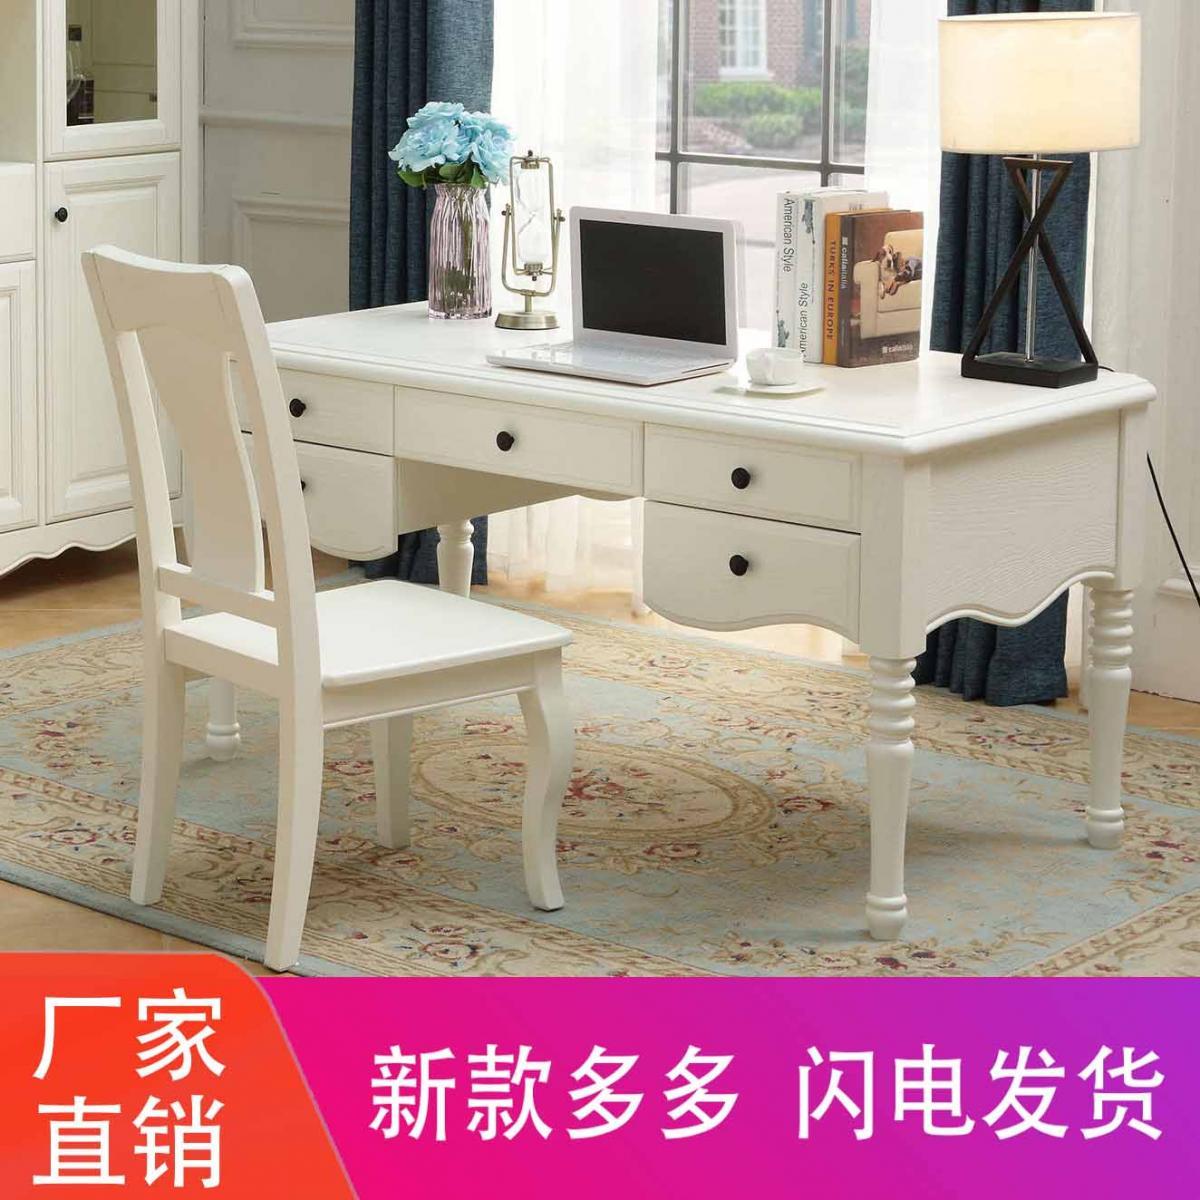 美式书桌简约现代家用电脑桌台式写字桌带抽屉书房家装套装组合